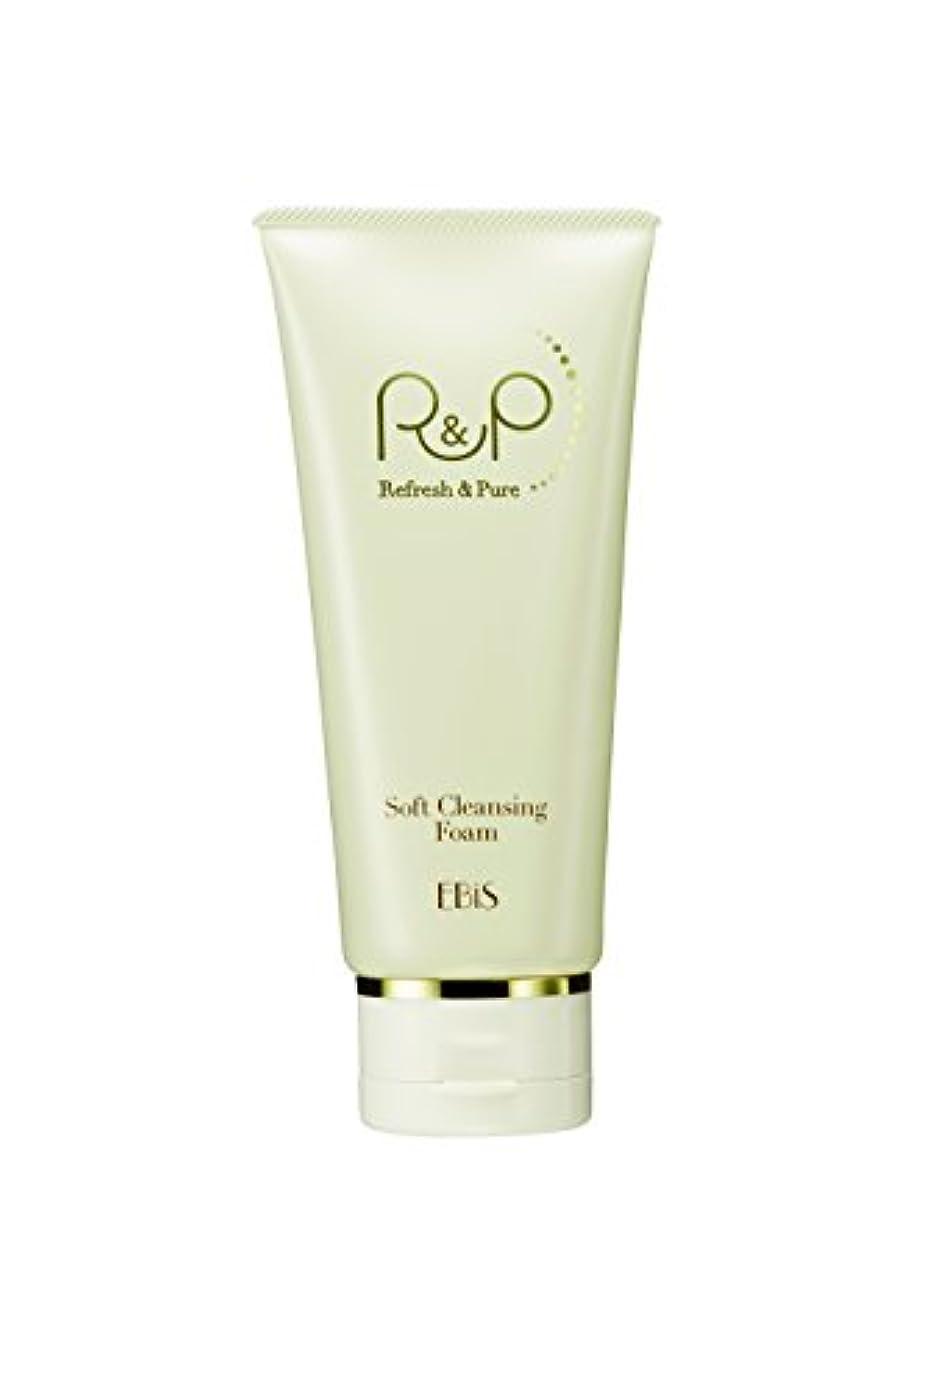 打撃元気なインスタンスエビス化粧品(EBiS) R&Pソフトクレンジングフォーム100g 泥洗顔 洗顔フォーム 高級クレイ使用 ノンアルコール